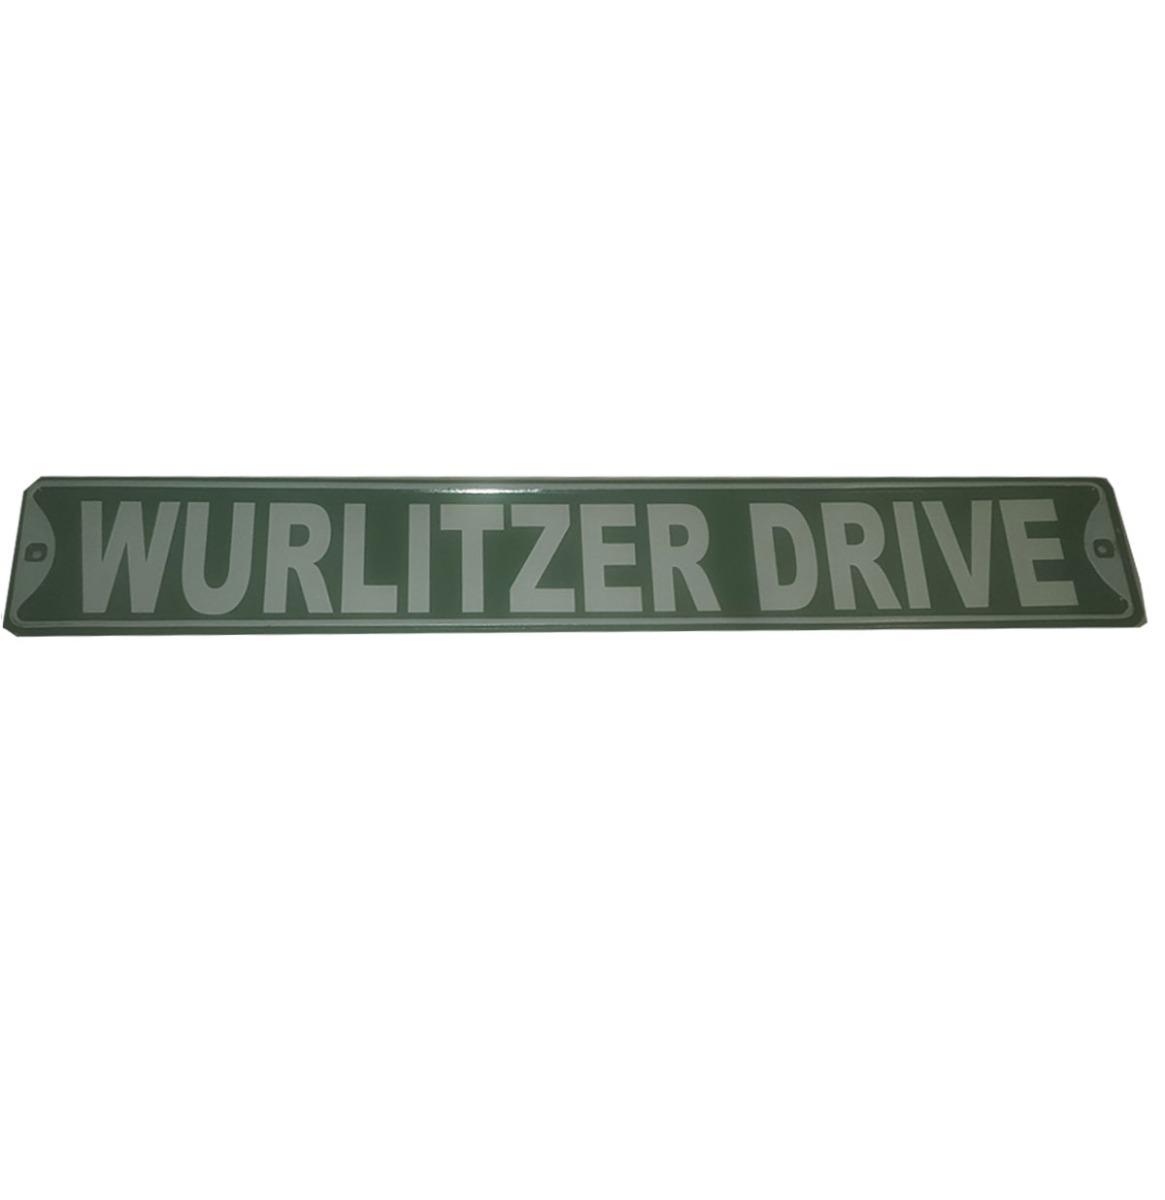 Wurlitzer Drive Metalen Bord - Groen